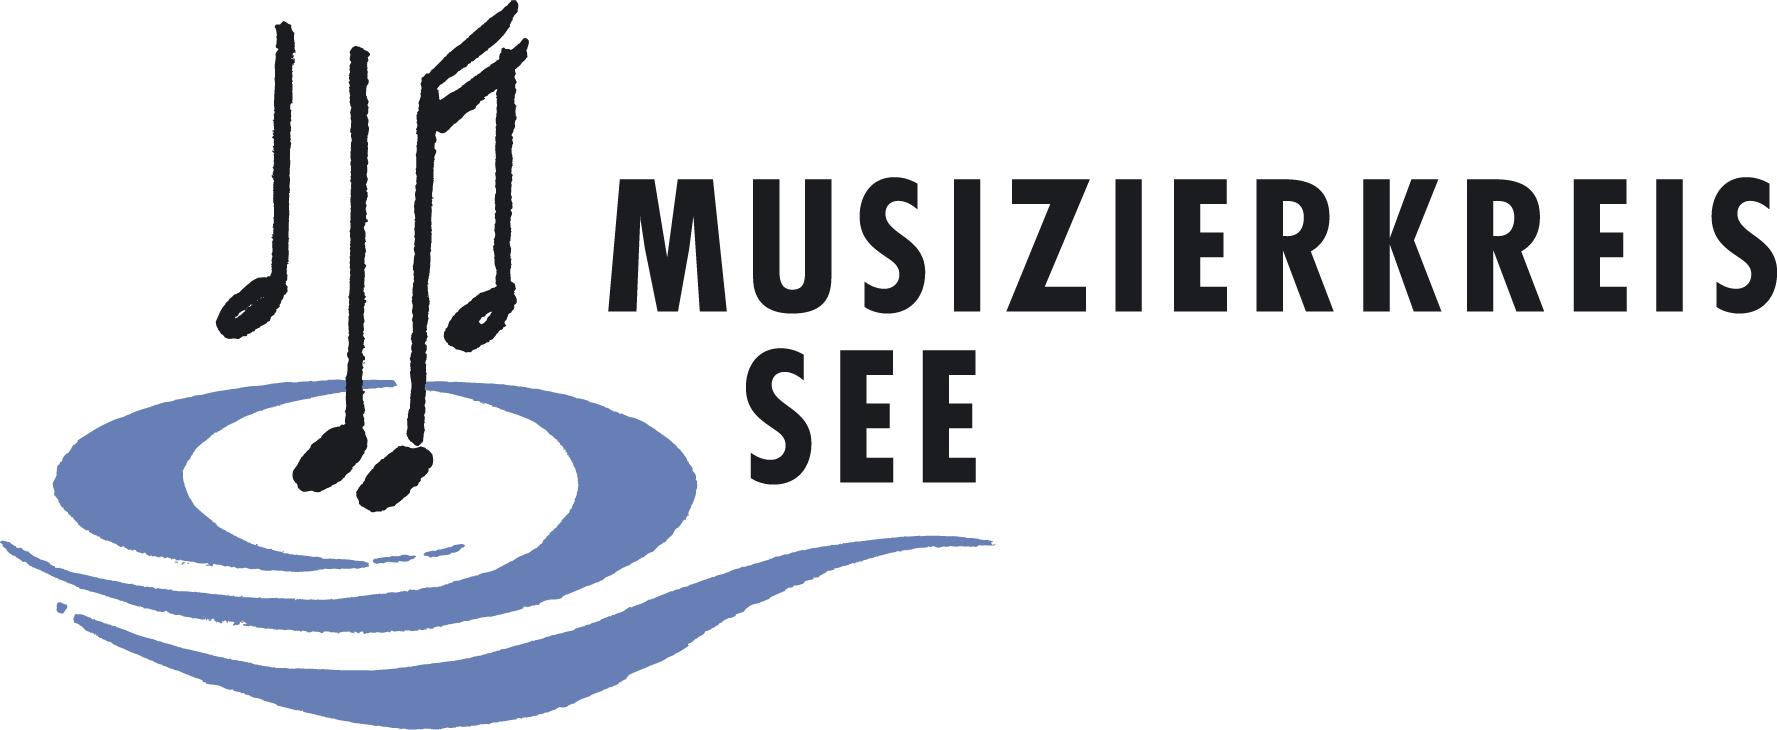 Musizierkreis See